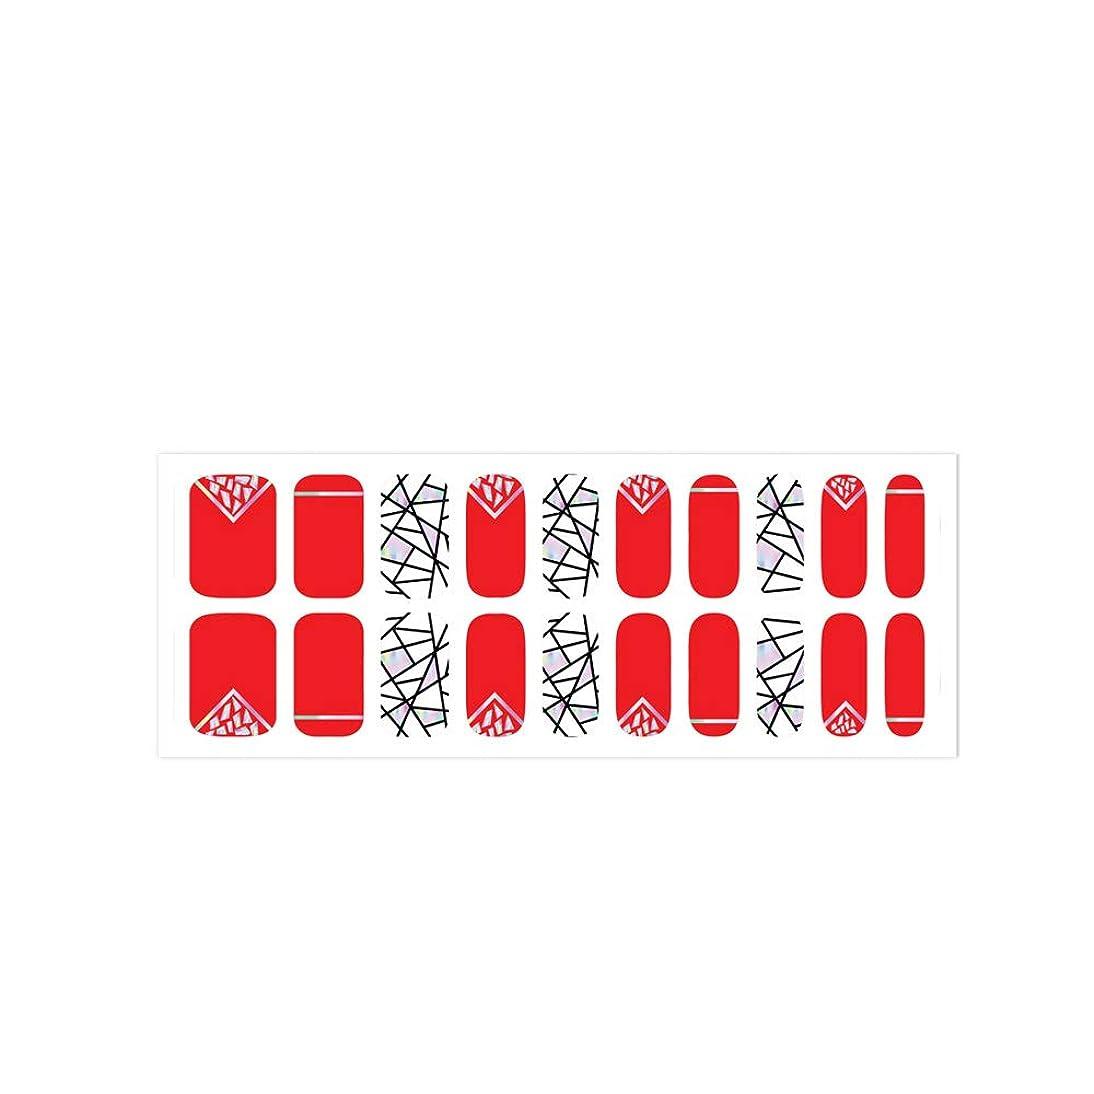 追うナイトスポットバッジ爪に貼るだけで華やかになるネイルシート! 簡単セルフネイル ジェルネイル 20pcs ネイルシール ジェルネイルシール デコネイルシール VAVACOCO ペディキュア ハーフ かわいい 韓国 シンプル フルカバー ネイルパーツ シール フラワー クリア ラインテープ ツートン おしゃれ (broken glass(レッド))